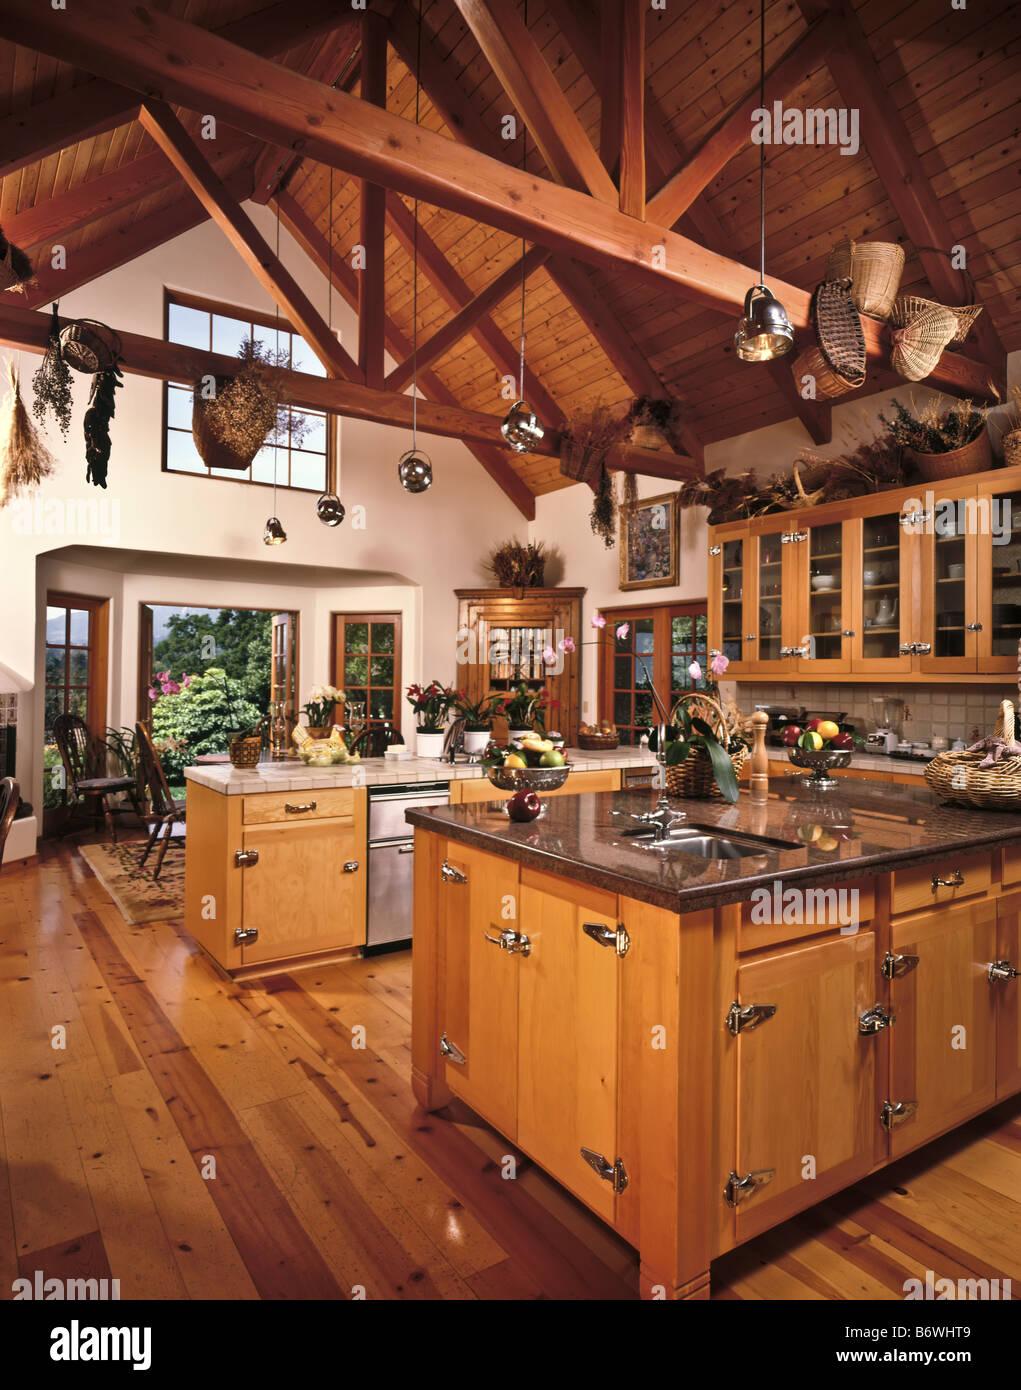 Land, Küche, hölzerne Balkendecke Schränke geräumig Insel Granit ...